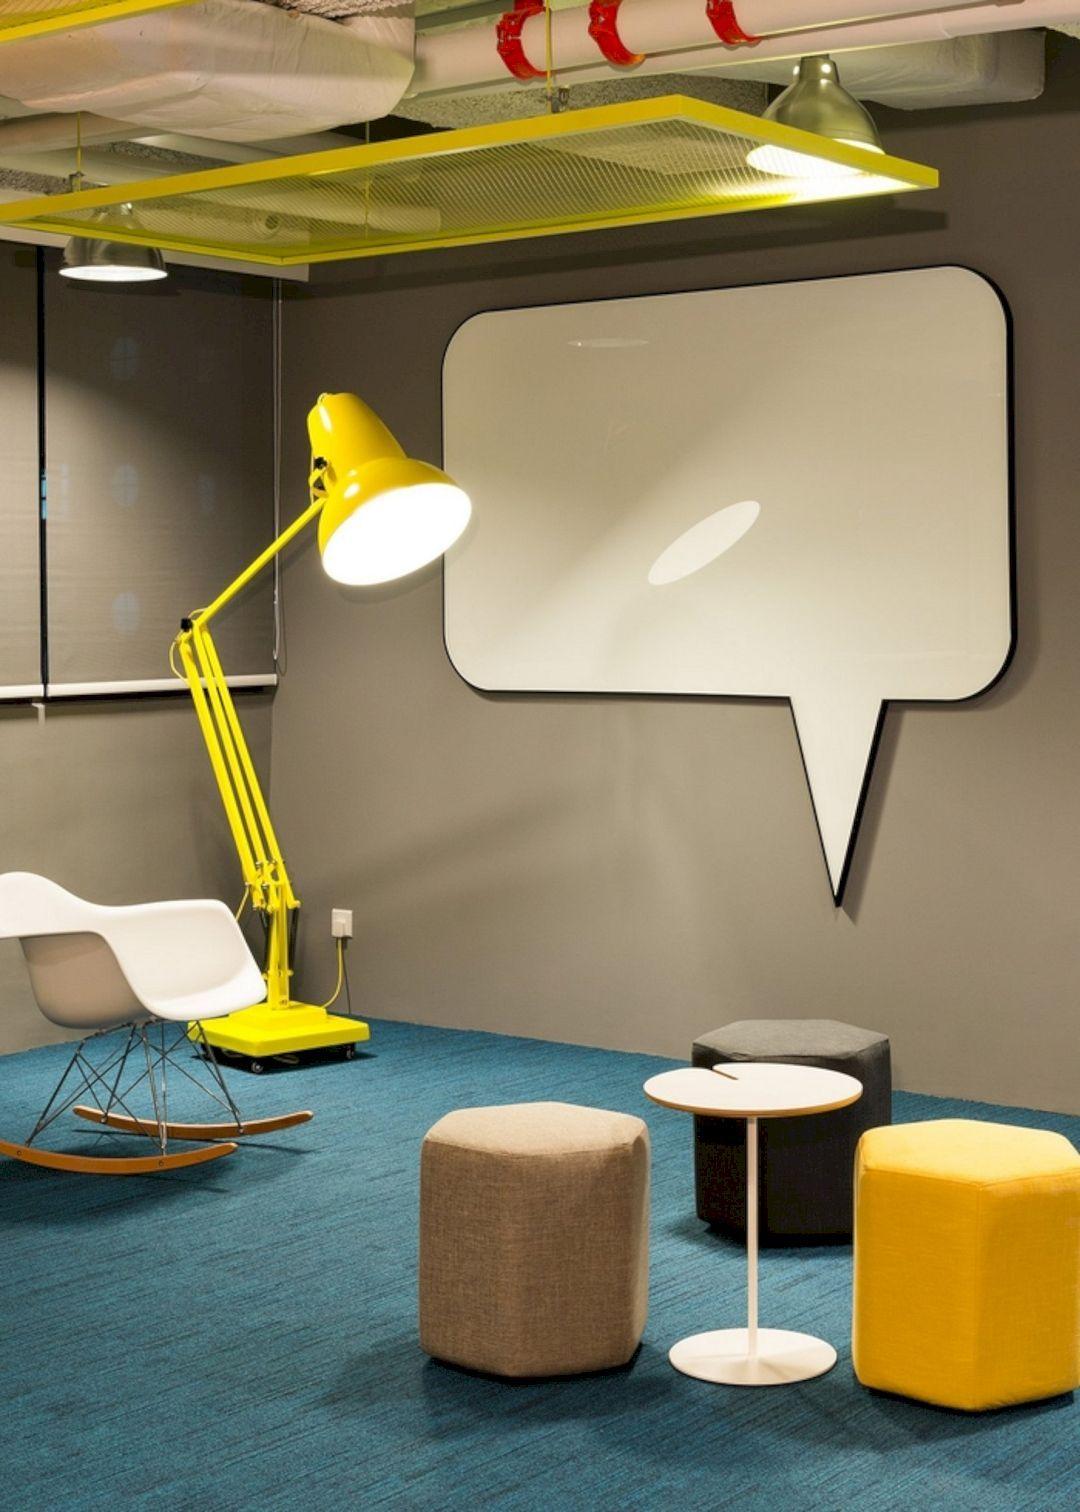 Best Modern And Gorgeous Office Interior Design Ideas  Https://www.futuristarchitecture.